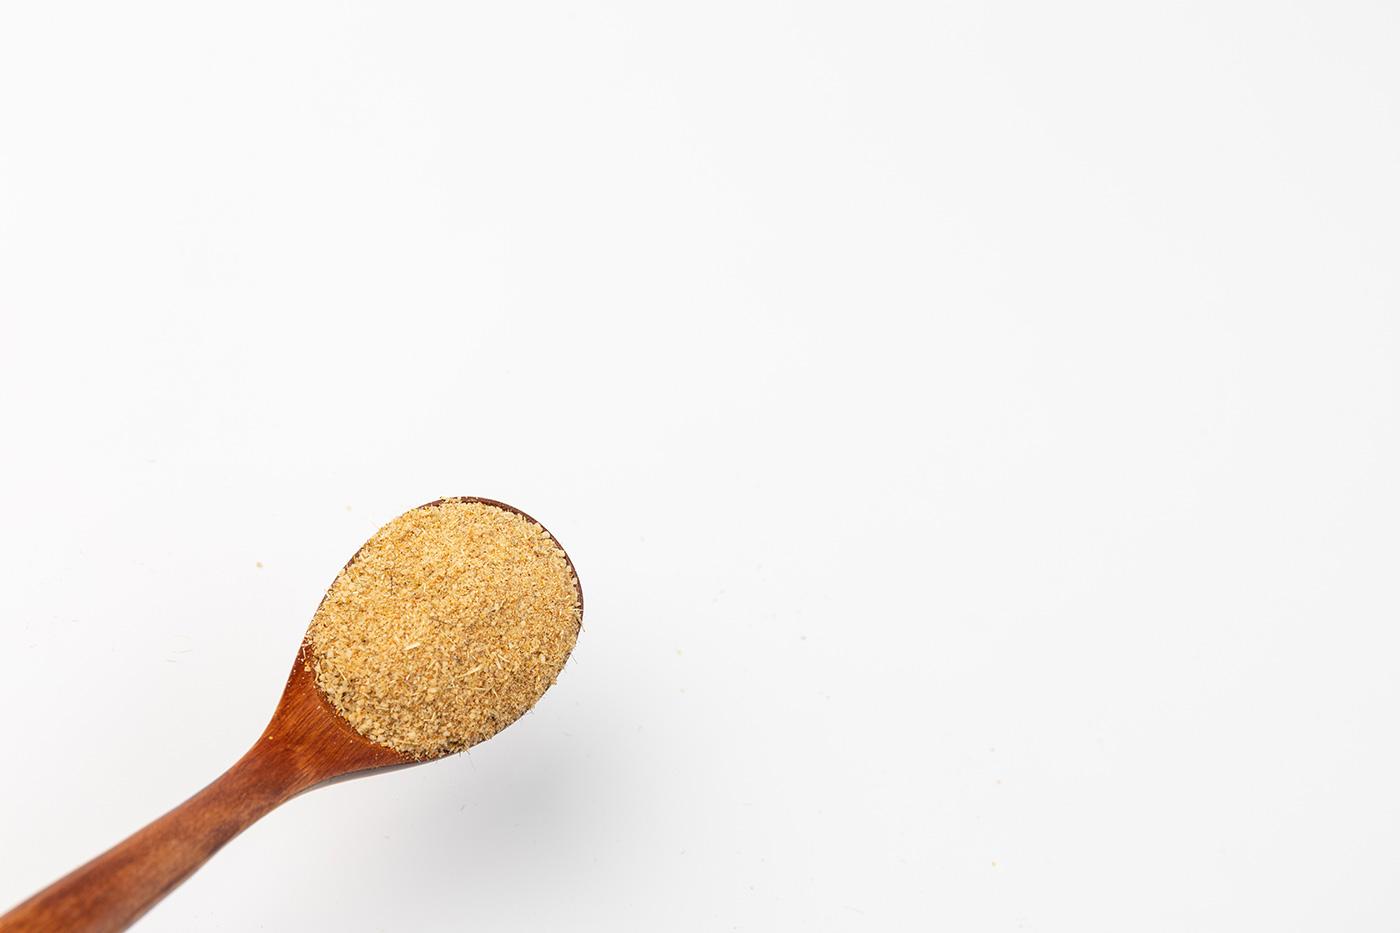 메리골드 소금/메리골드와 구운 천일염이 만난 메리골드 소금(15g/60g) 상세이미지4